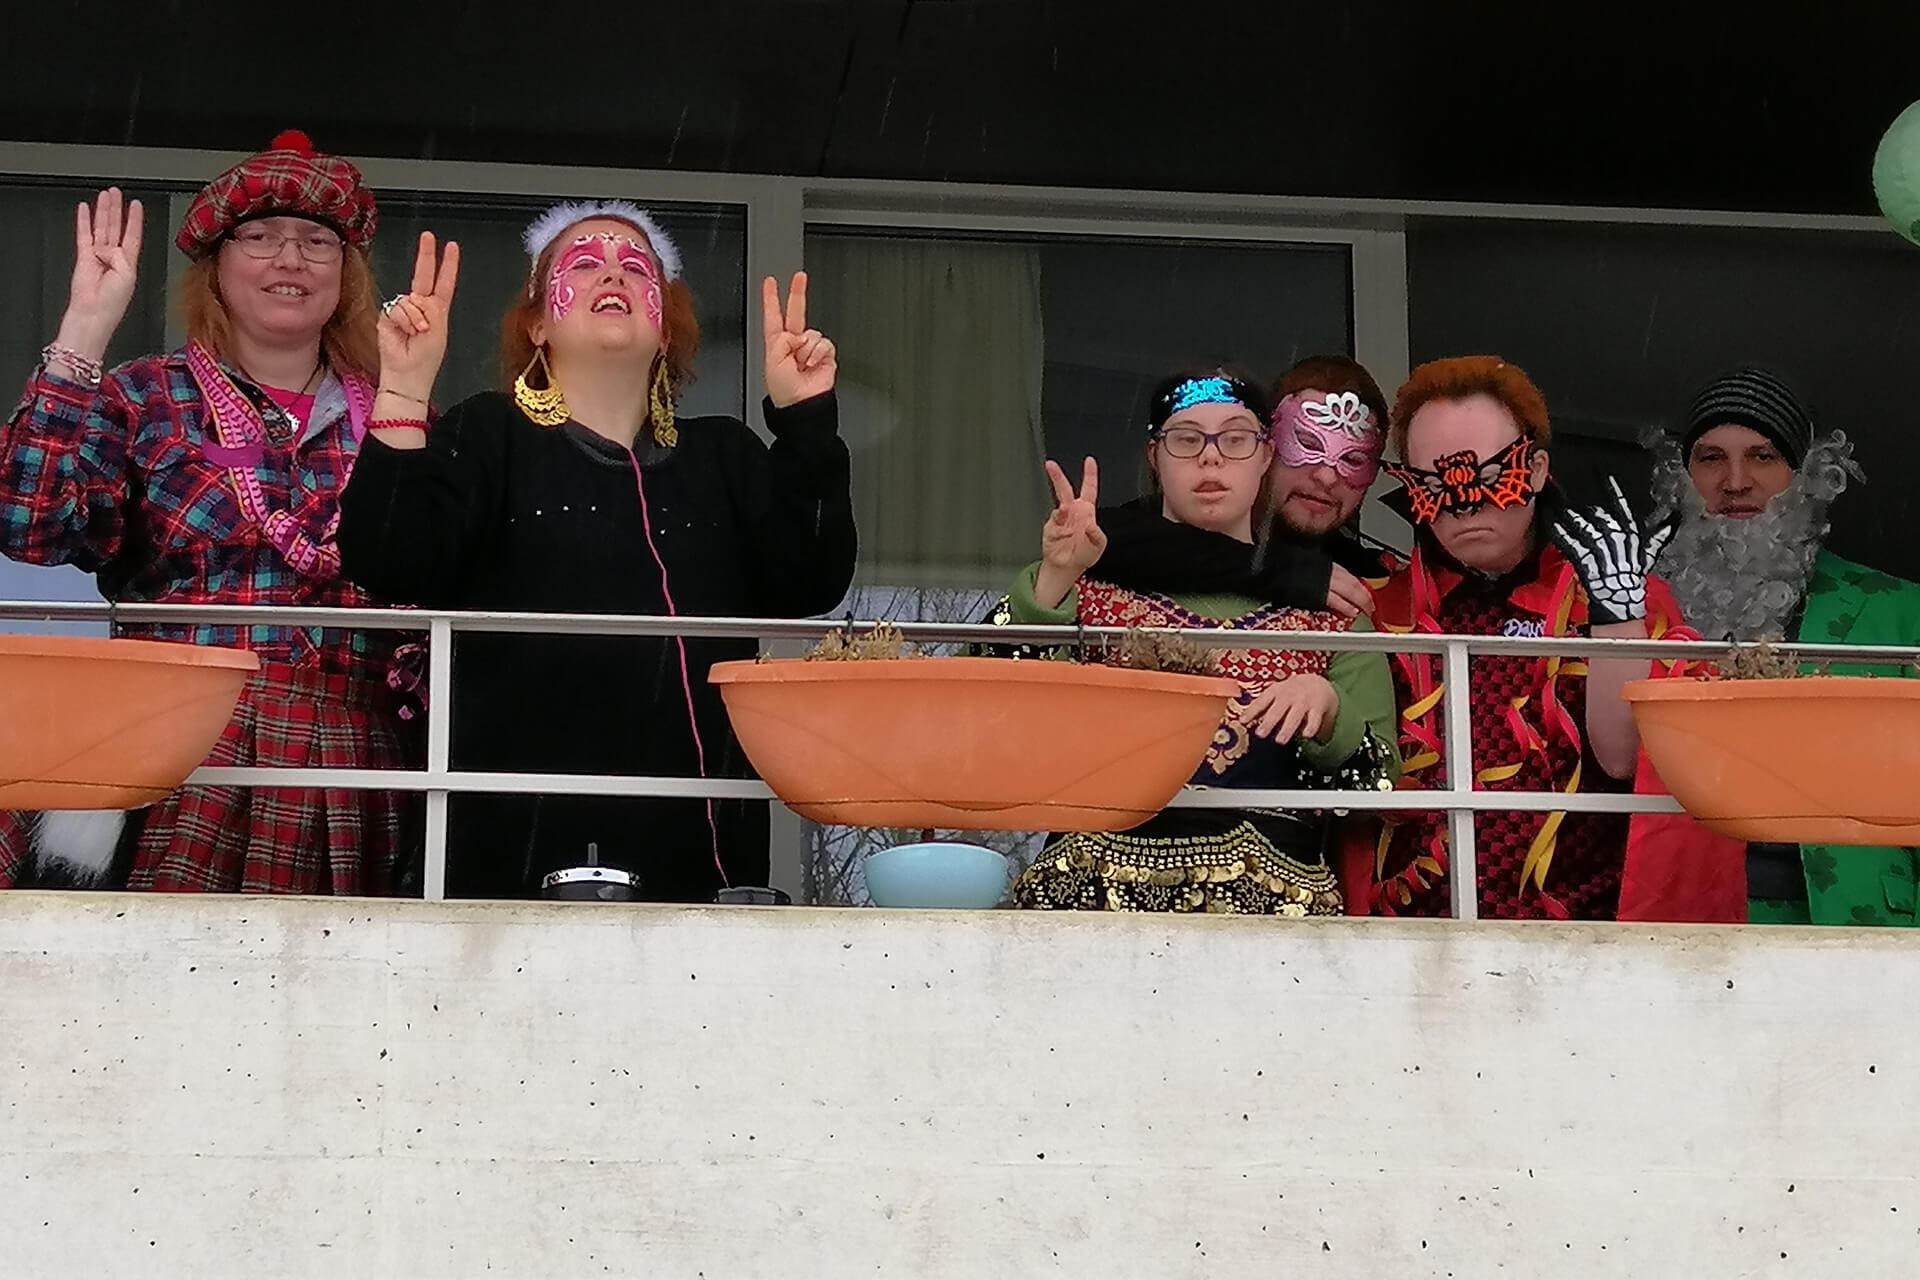 Schottin, Spiderman oder Samichlaus: Eine bunte Truppe hat sich auf diesem Balkon verkleidet für Fasnacht.